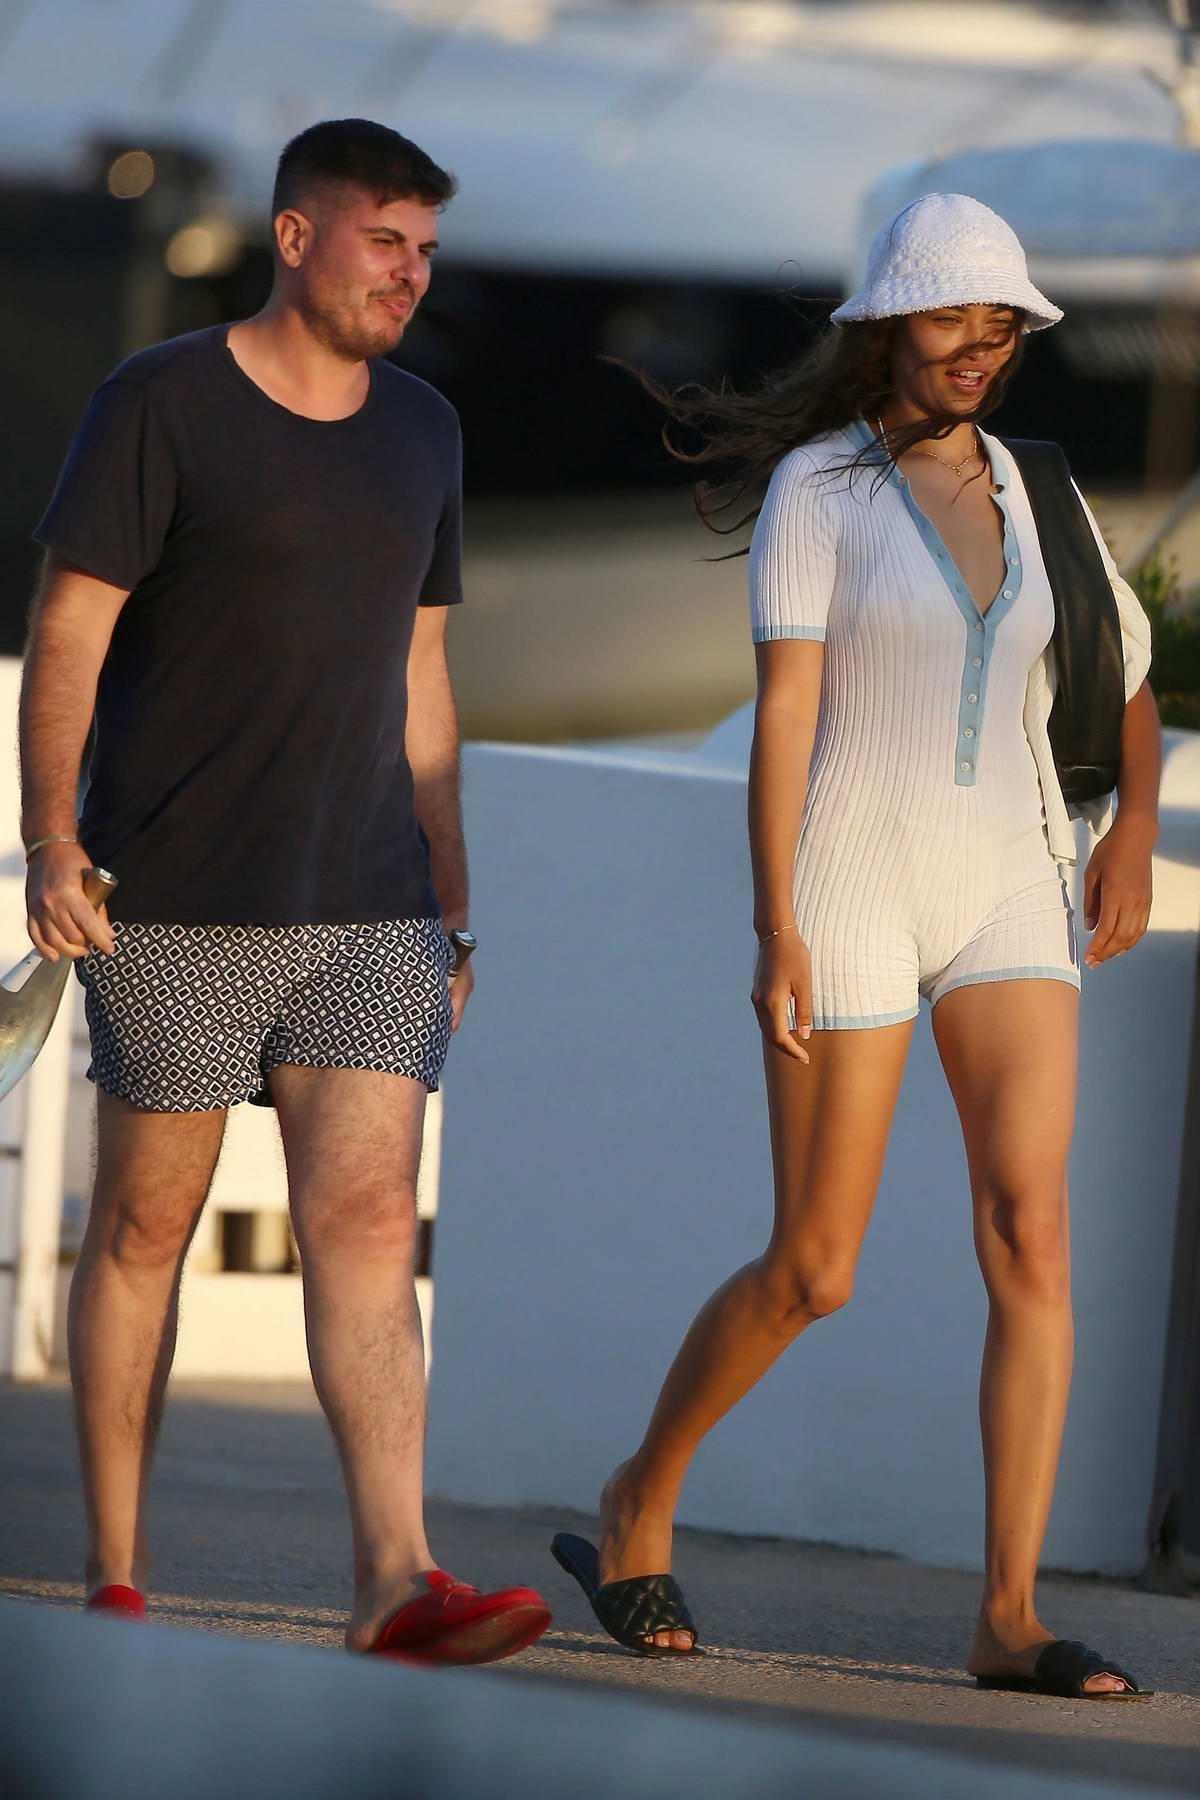 Shanina Shaik seen while boarding a yacht with friends in Ibiza, SpainShanina Shaik seen while boarding a yacht with friends in Ibiza, Spain